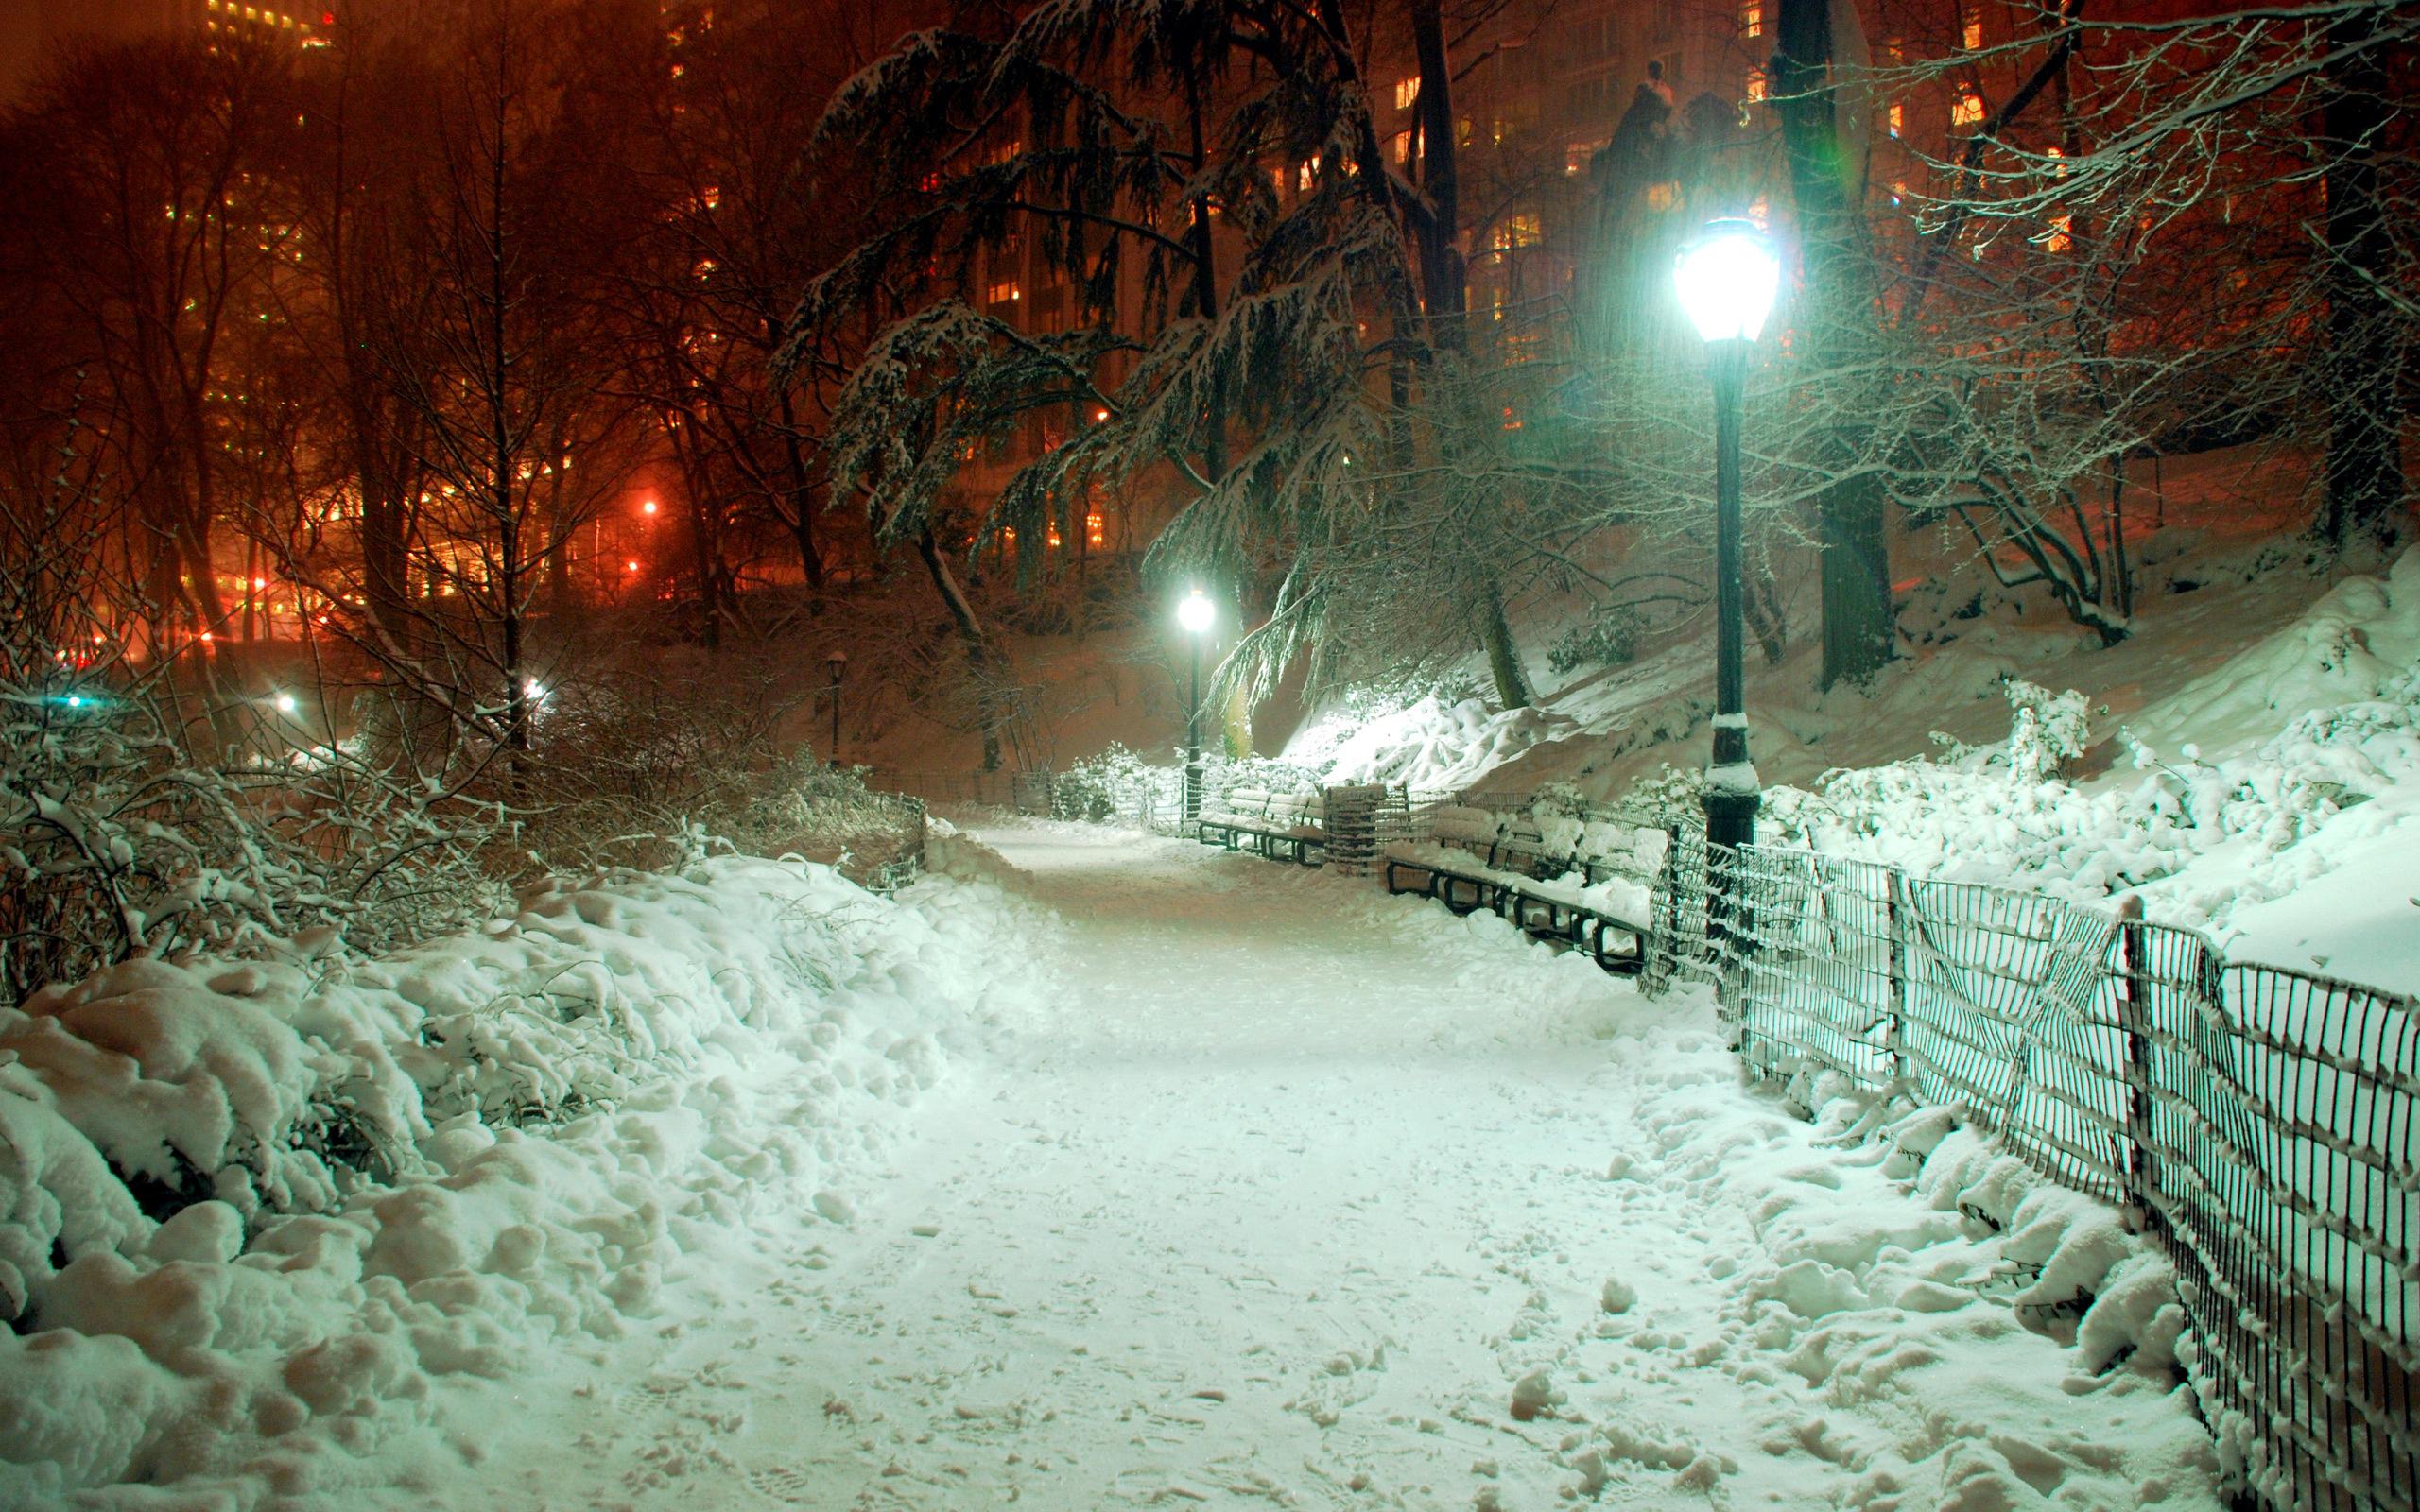 снежная ночь в городе фото интересное рядом